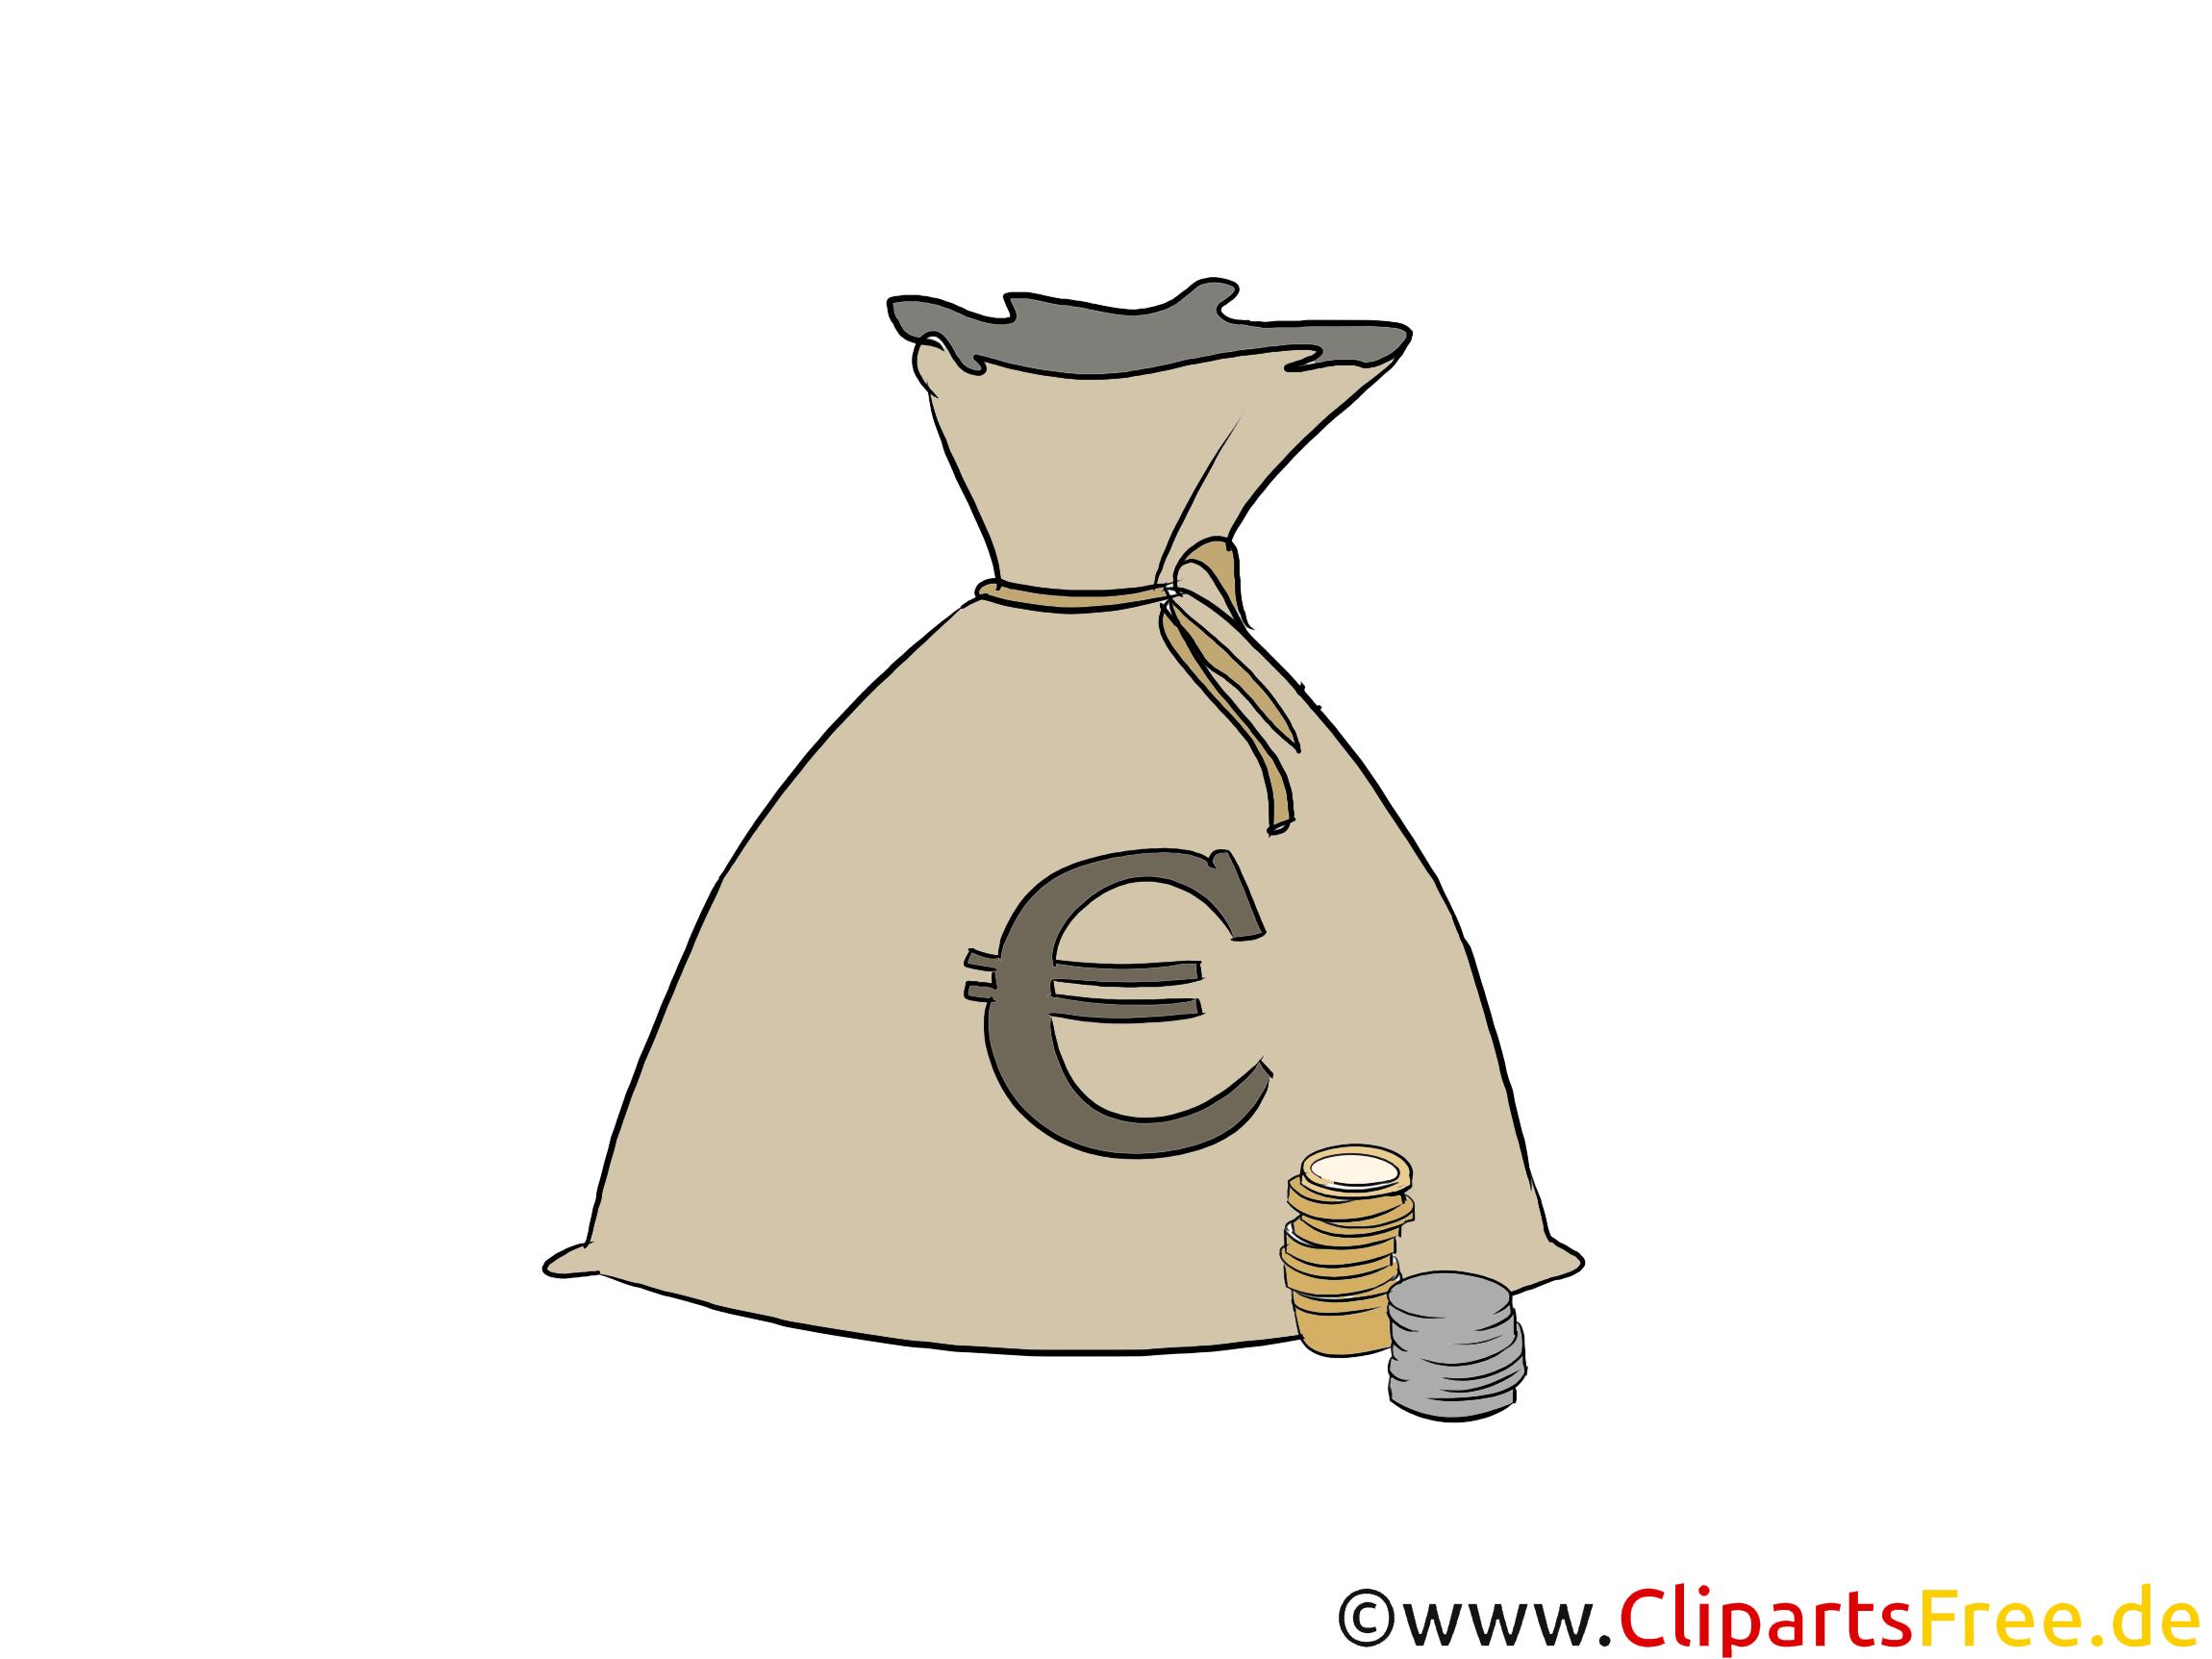 Geldsack mit Eurozeichen Clipart, Grafik, Illustration